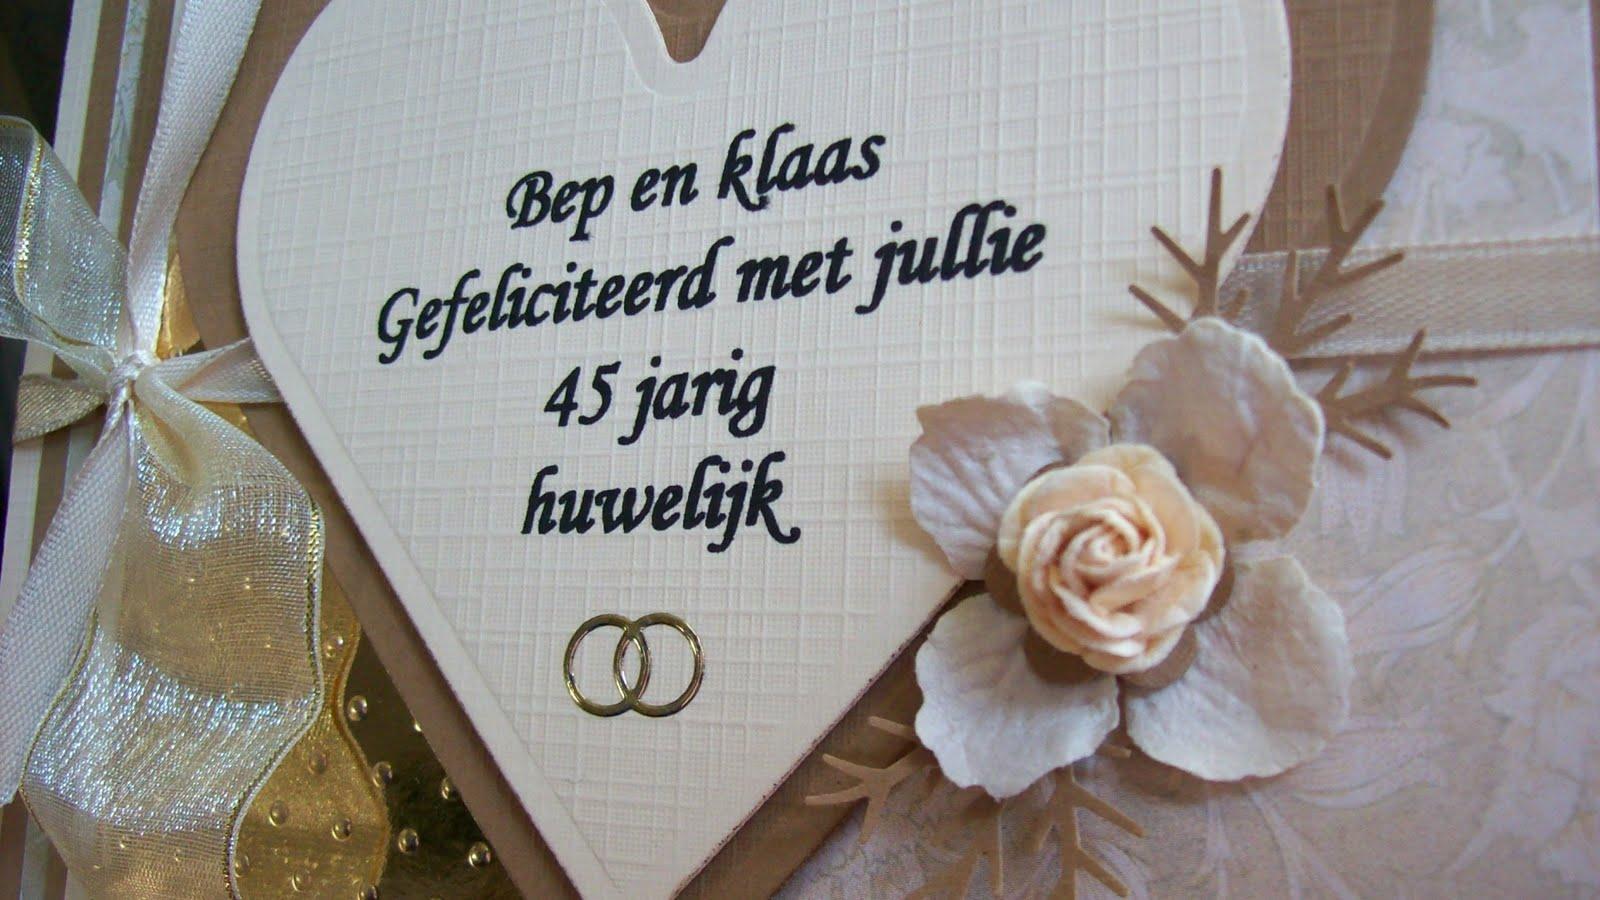 45 jaar getrouwd ideeen Cadeau 45 Jarig Huwelijk   ARCHIDEV 45 jaar getrouwd ideeen